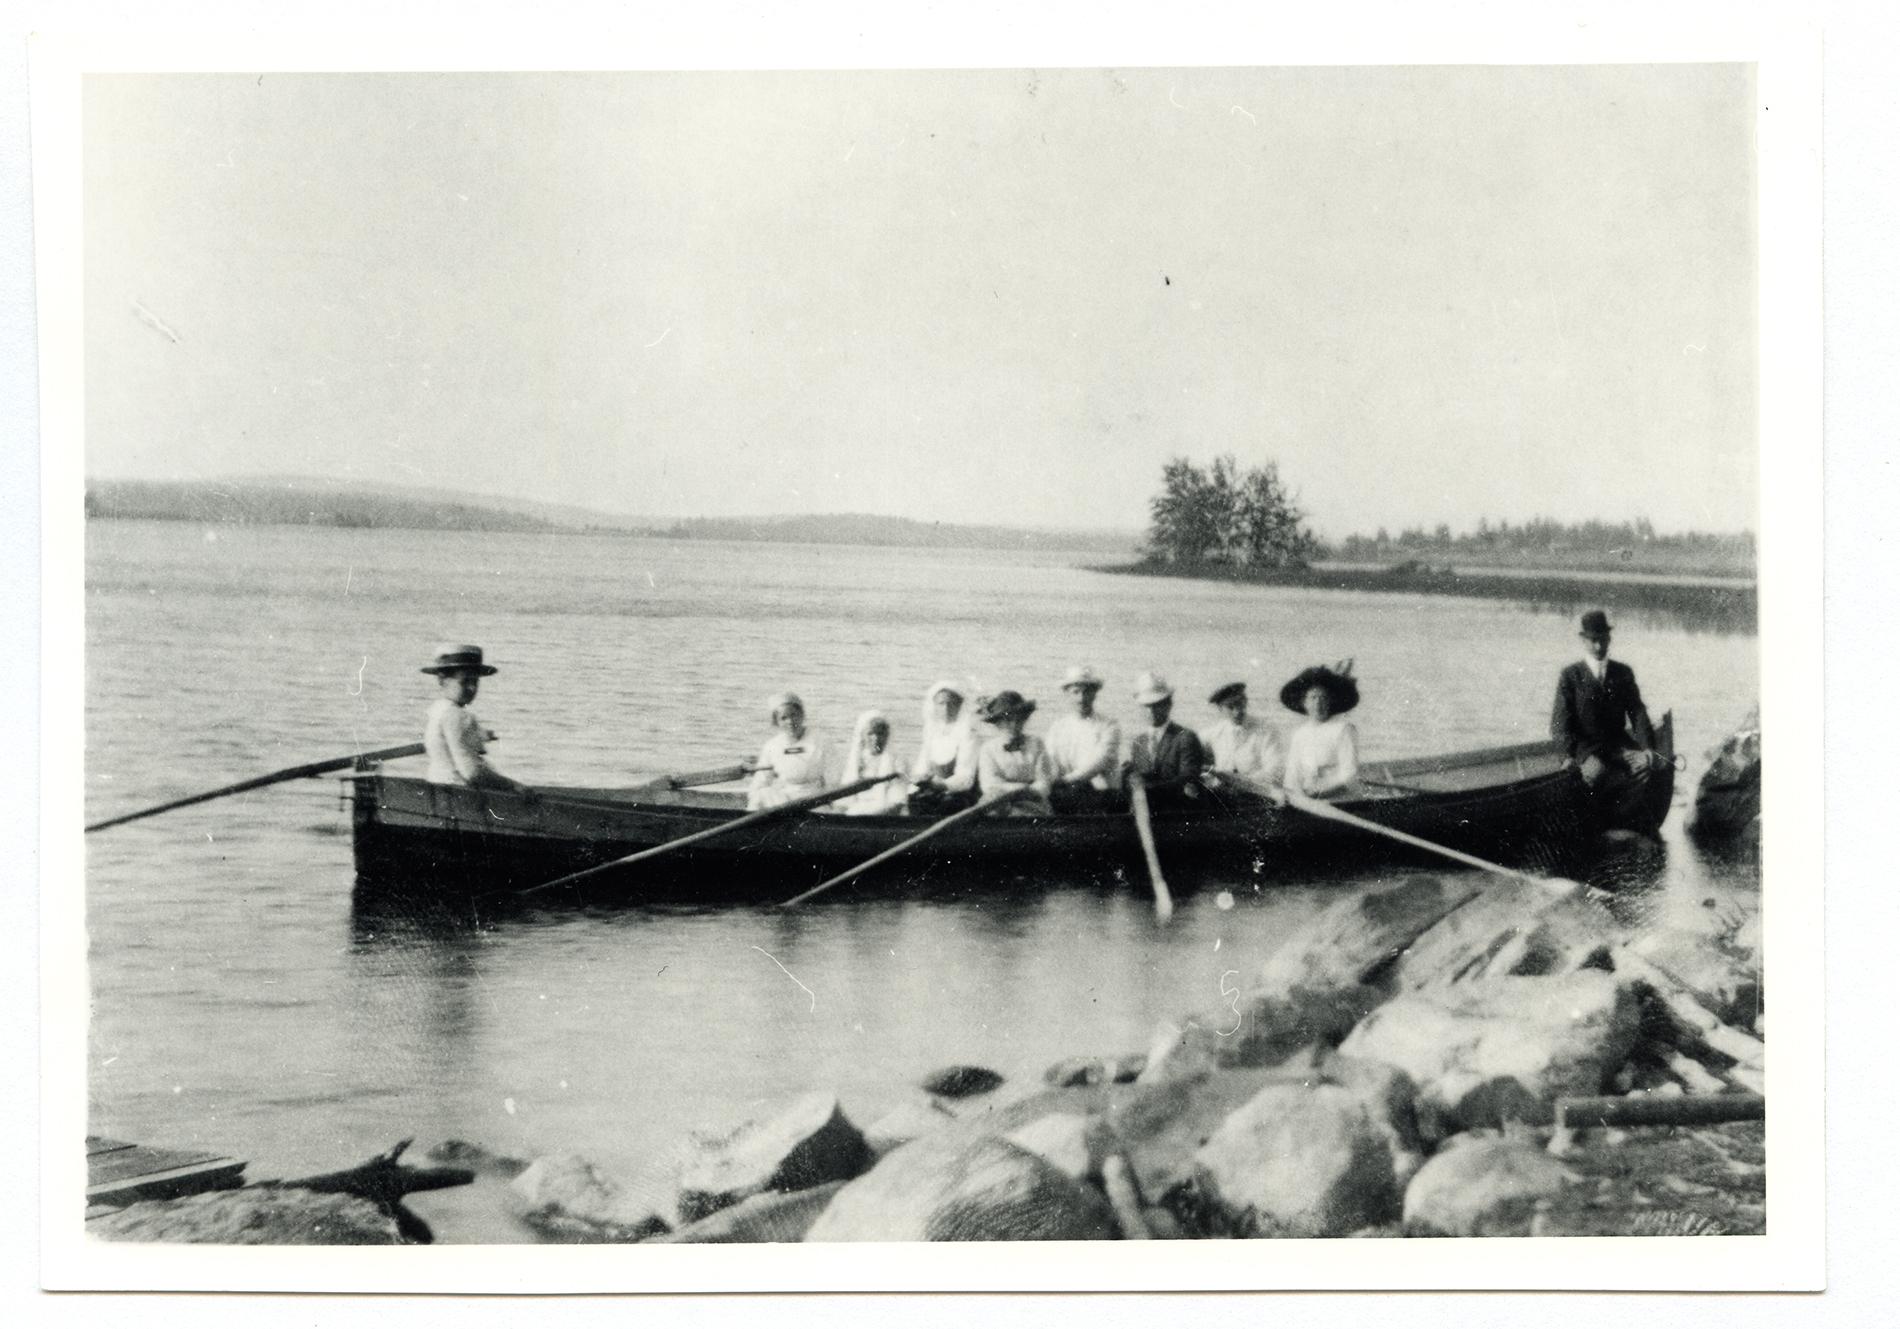 Kirkkovene Virma 5-hankainen 1913 Karkun Kärppälän rannassa lähdössä huviretkelle. SKS KRA KKA. Kuvaaja tuntematon.